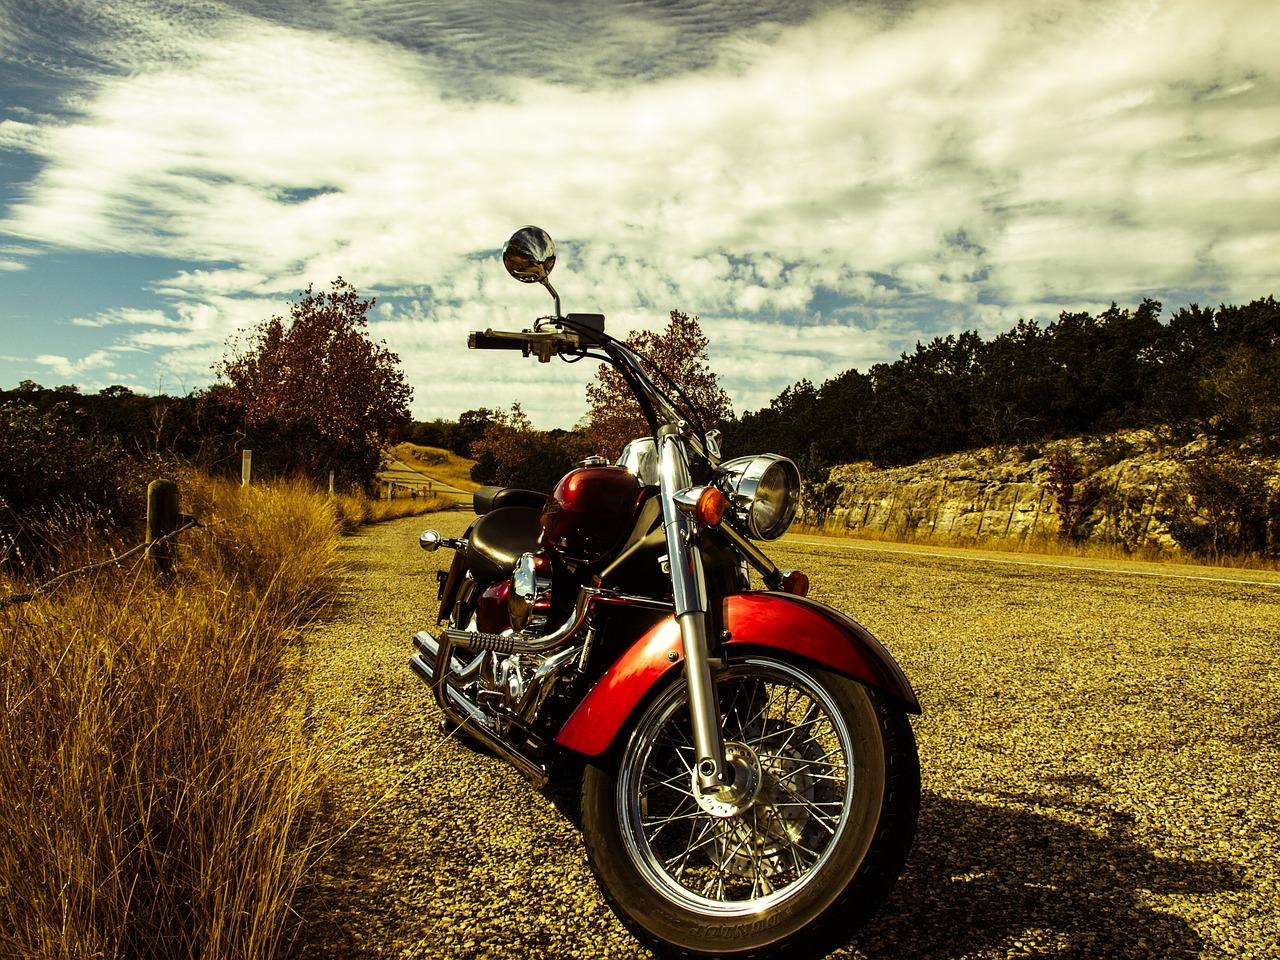 バイク車検が必要なのは?排気量250ccまでは受けなくてよい